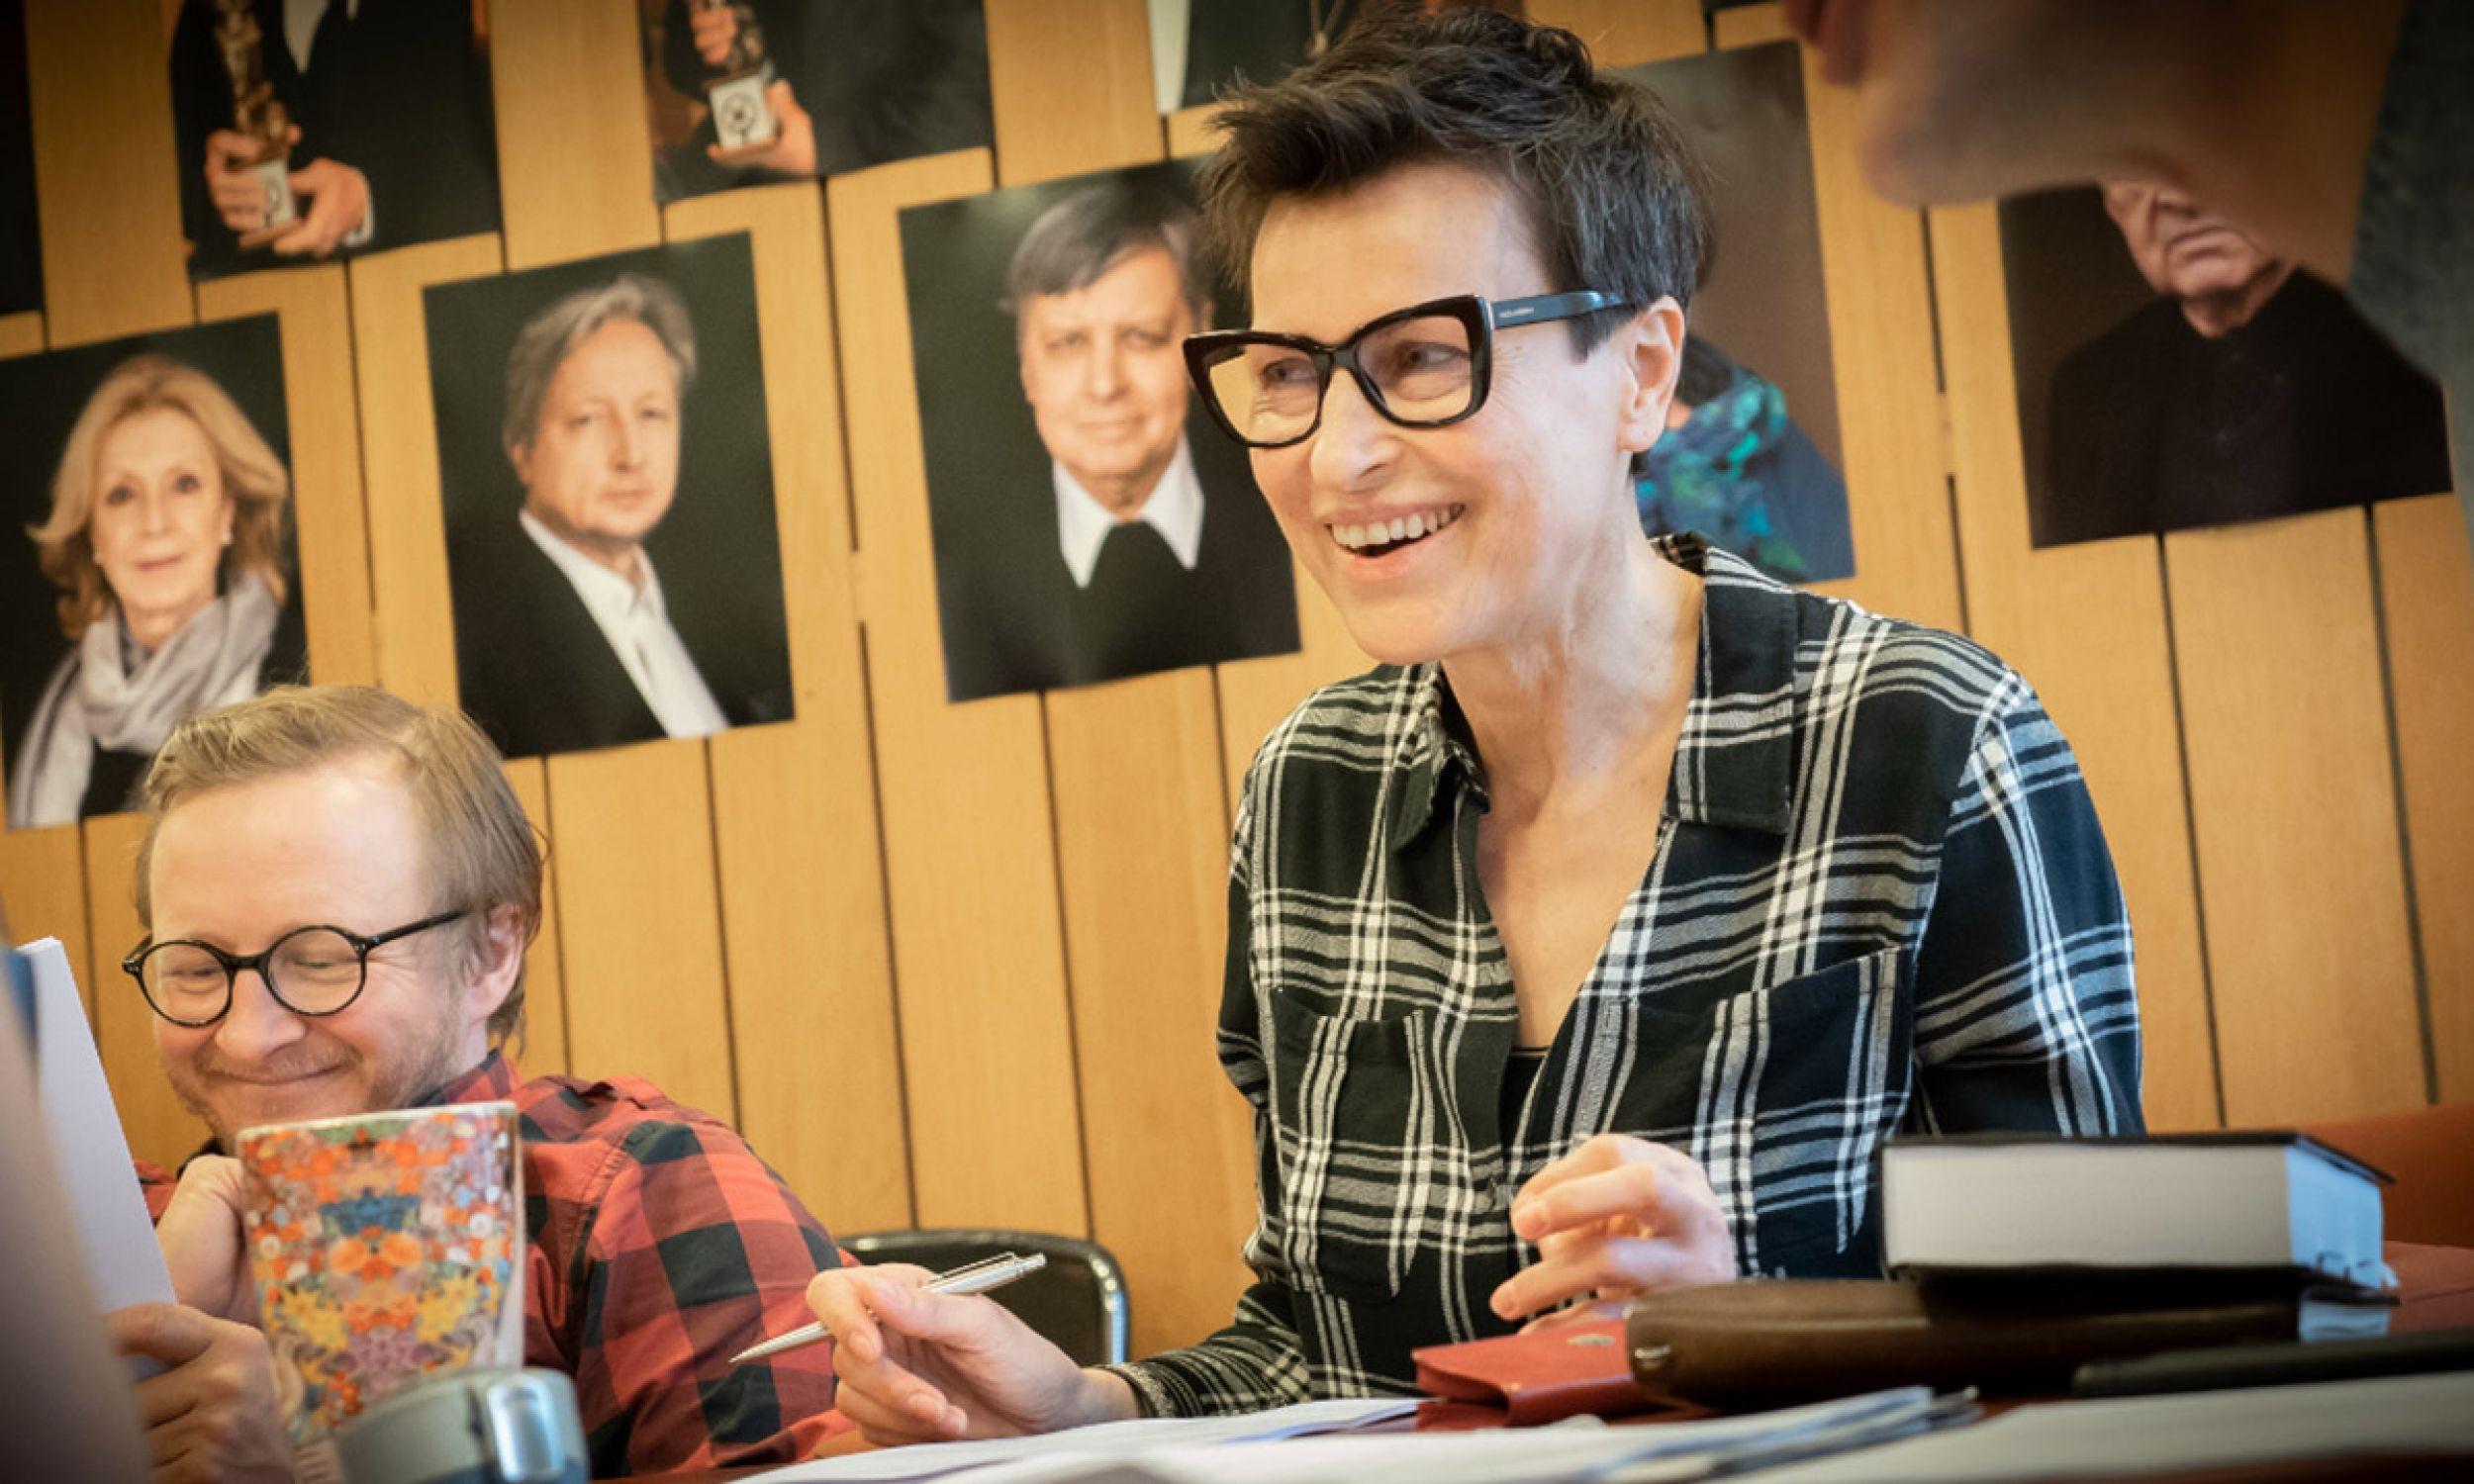 Łukasz Lewandowski i Danuta Stenka podczas prób do słuchowiska